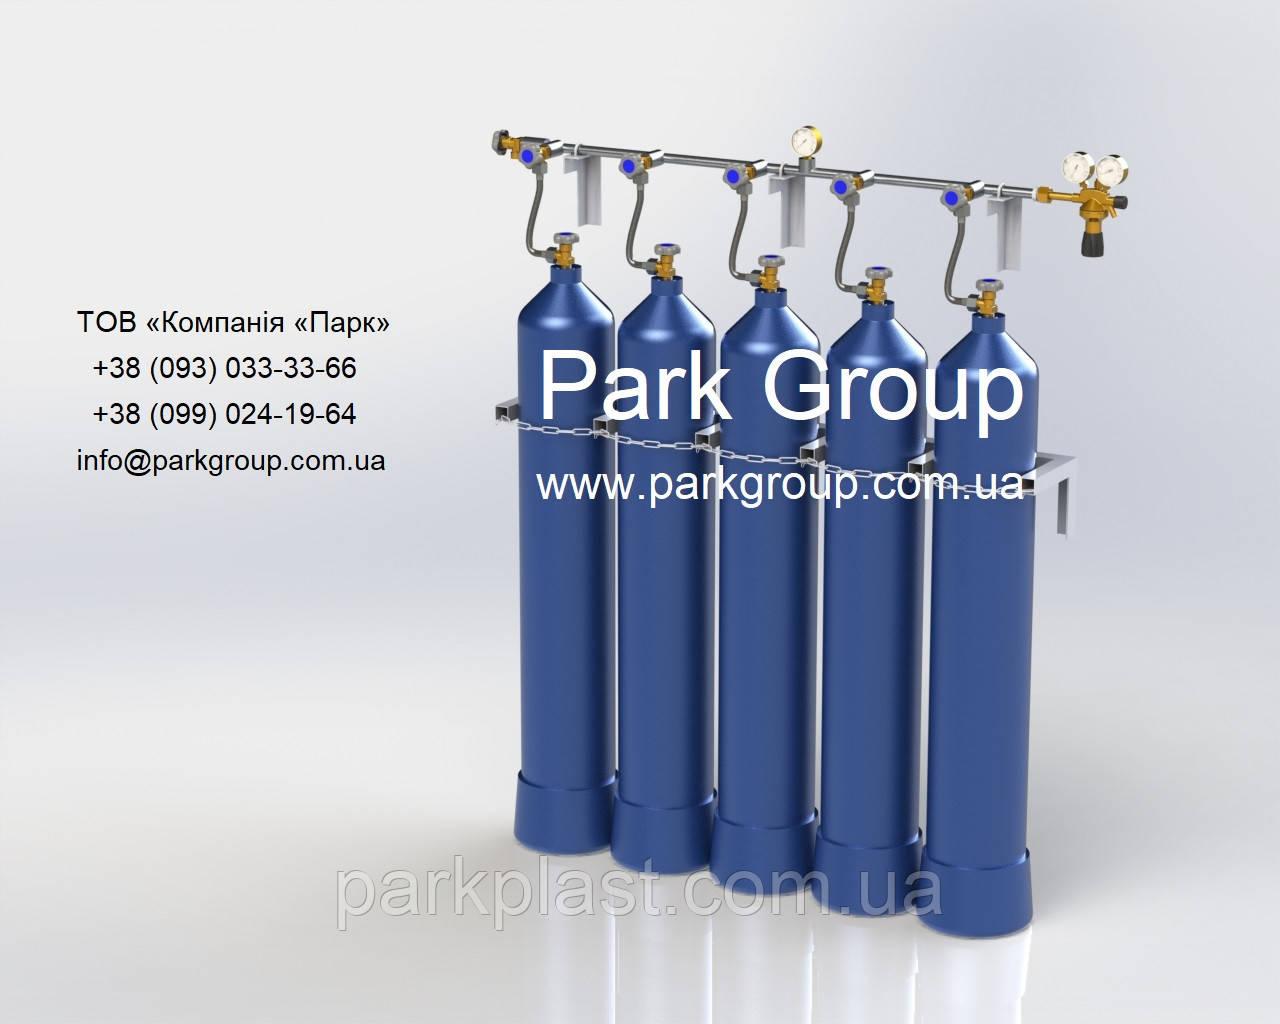 Рампа для кислорода, рампа для инертных газов (кислородная рампа, азотная рампа)